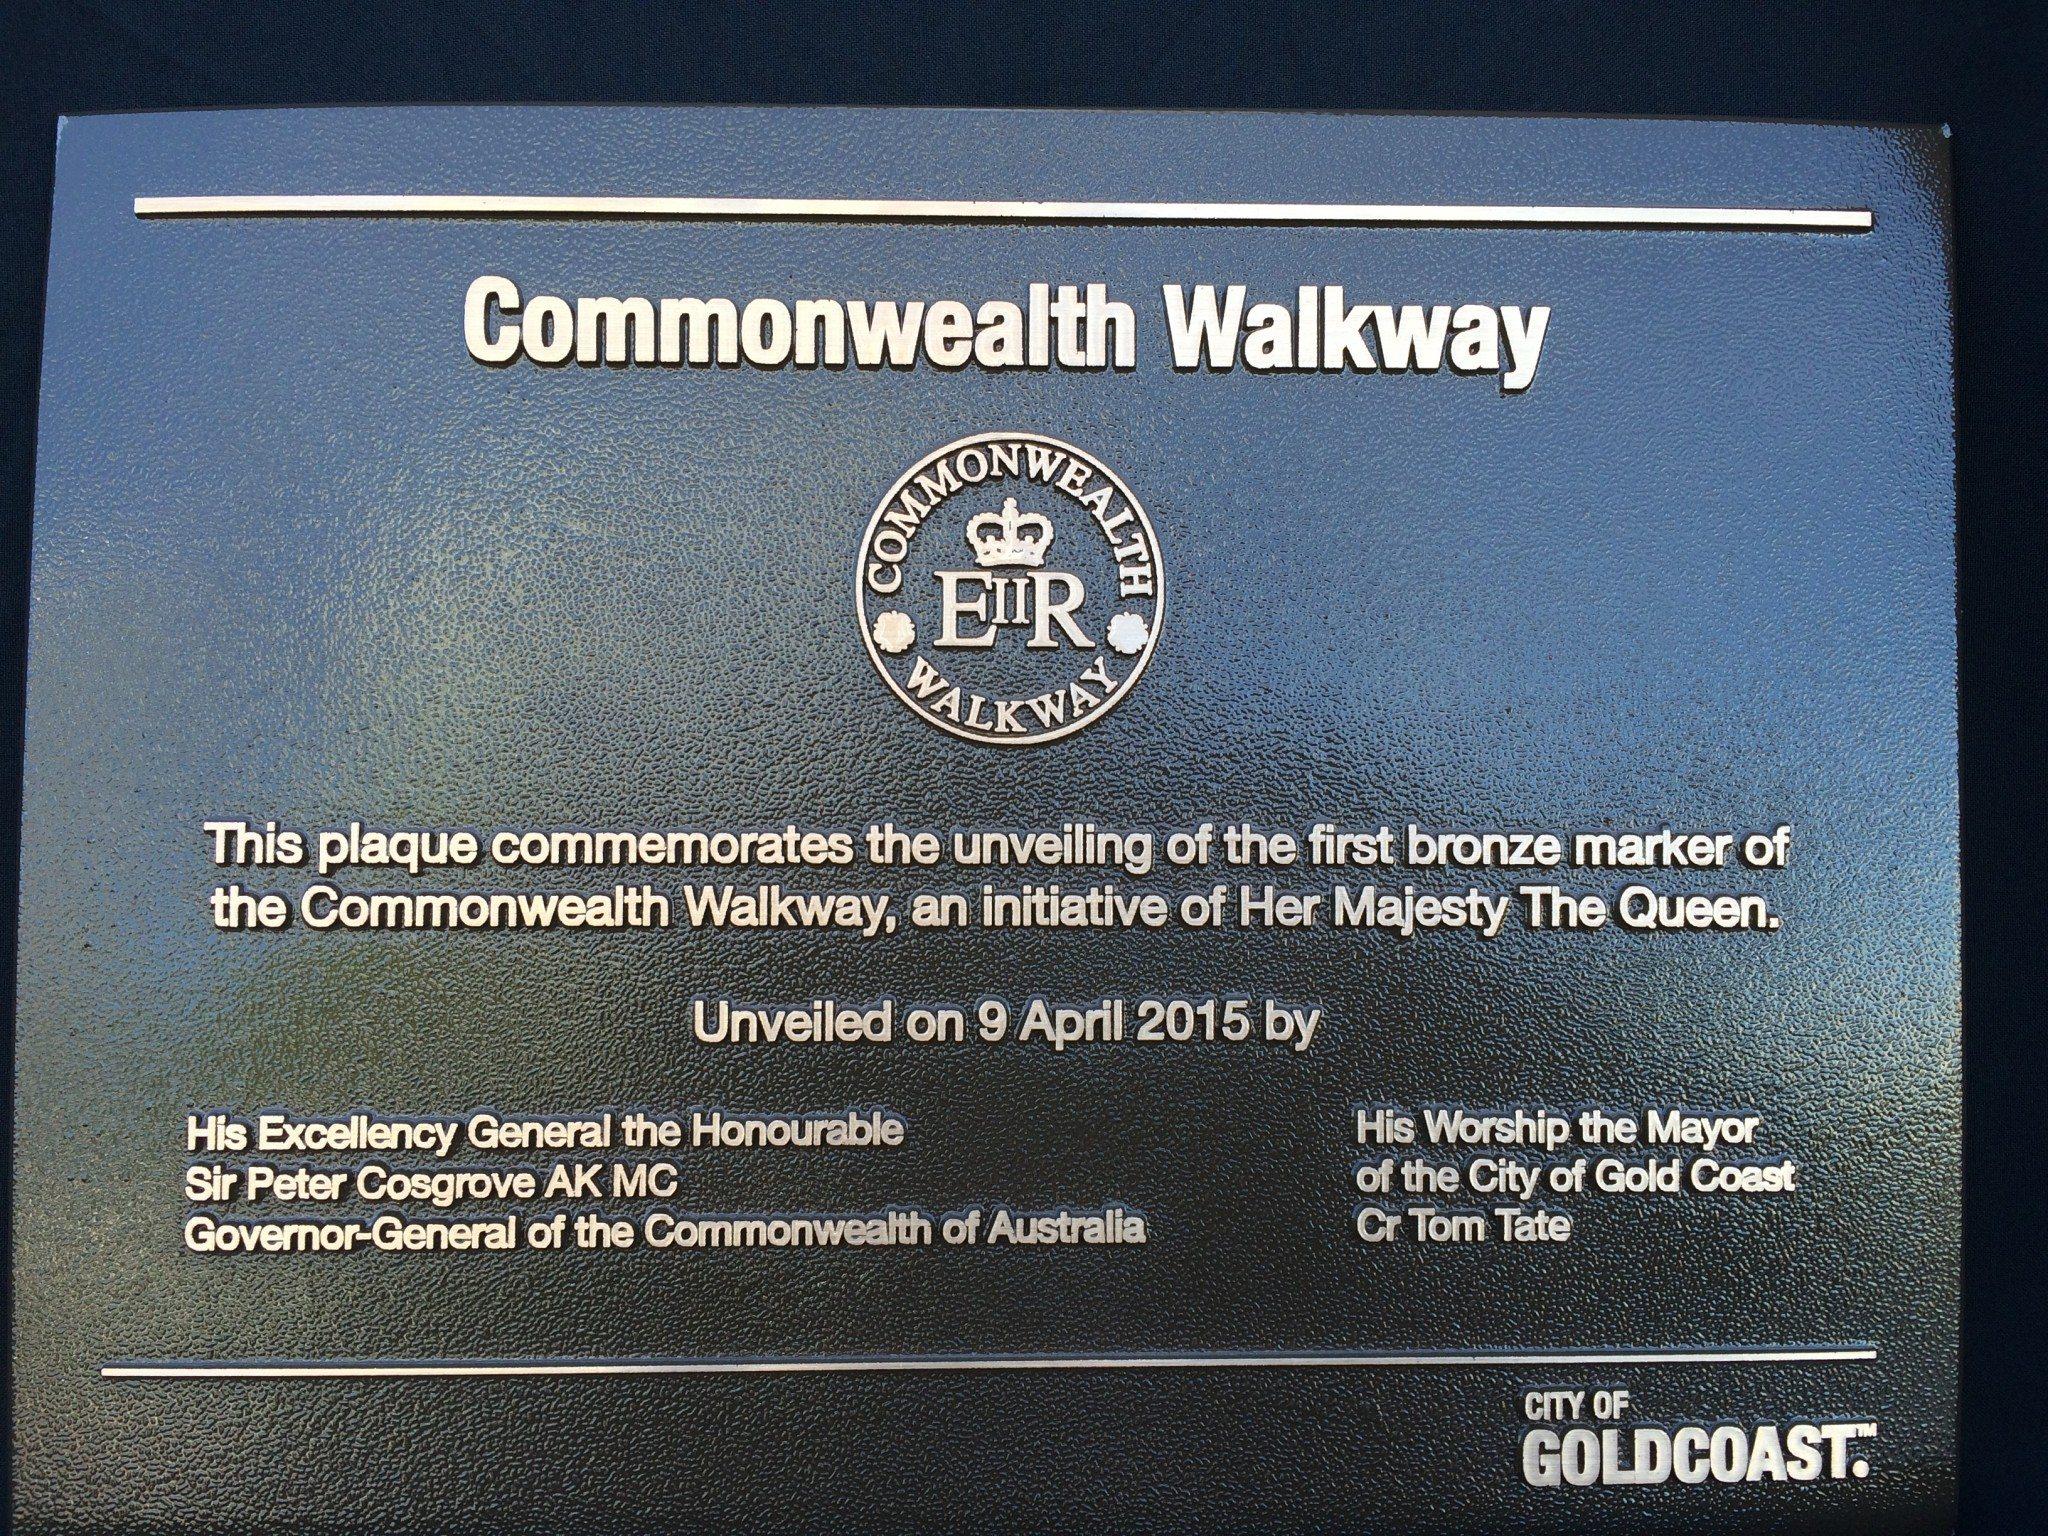 Commonwealth Walkway Launch Gold Coast